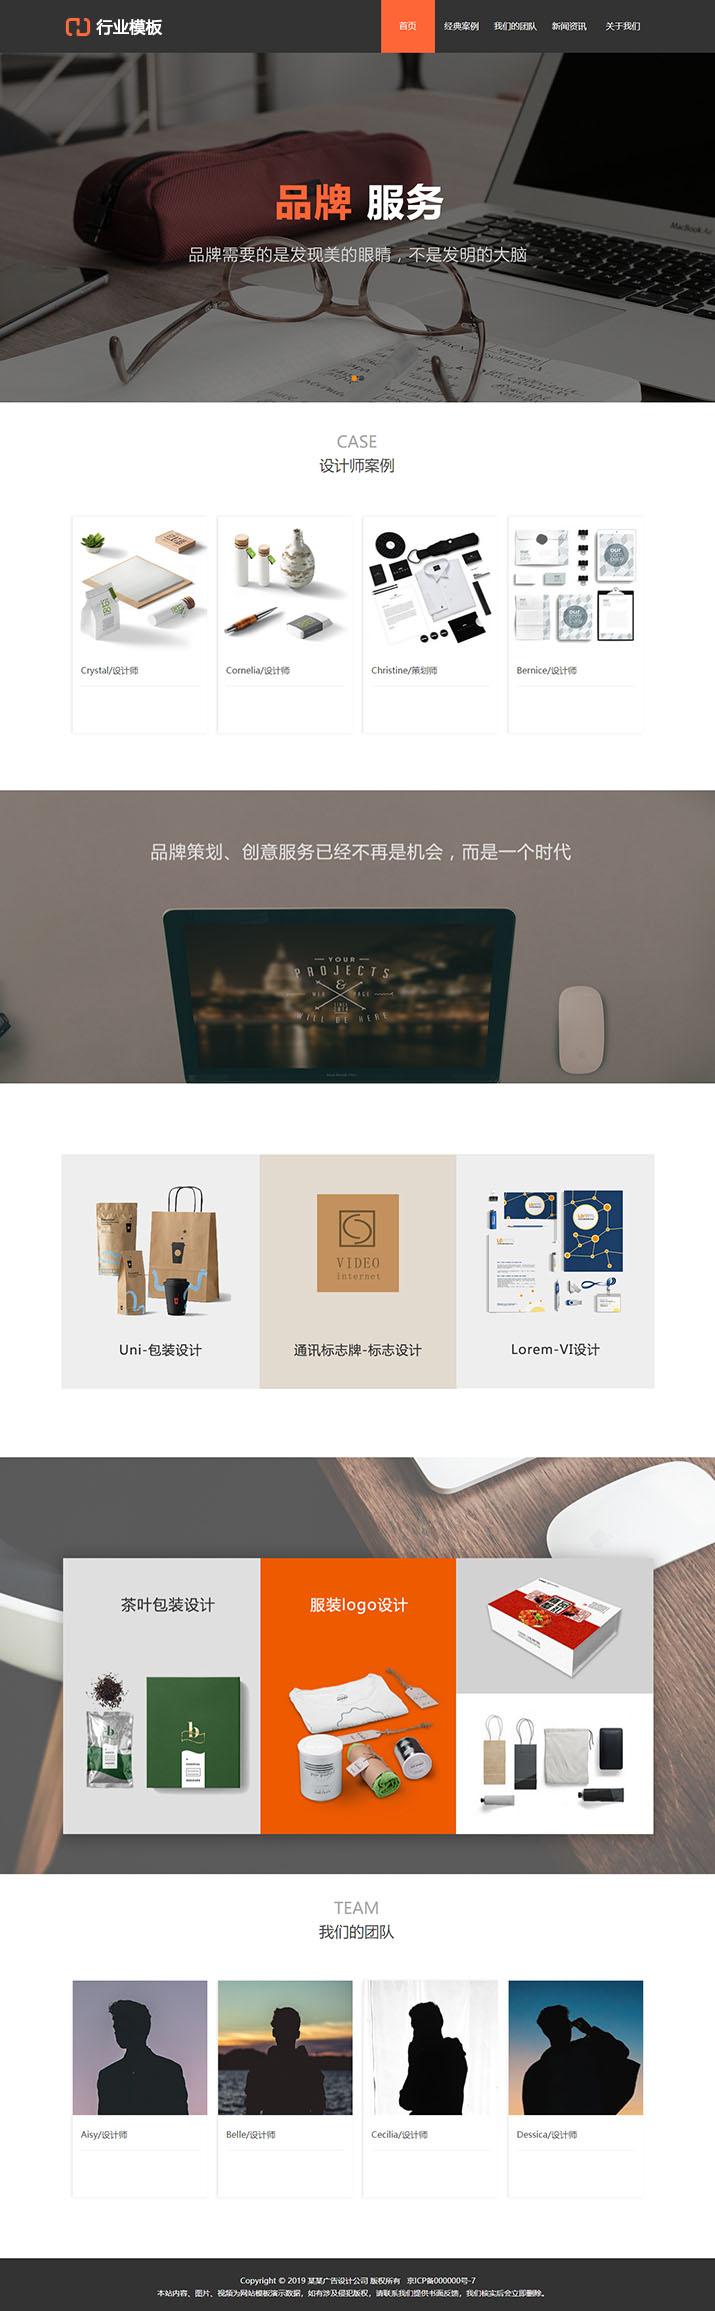 品牌视觉形象设计网站模板